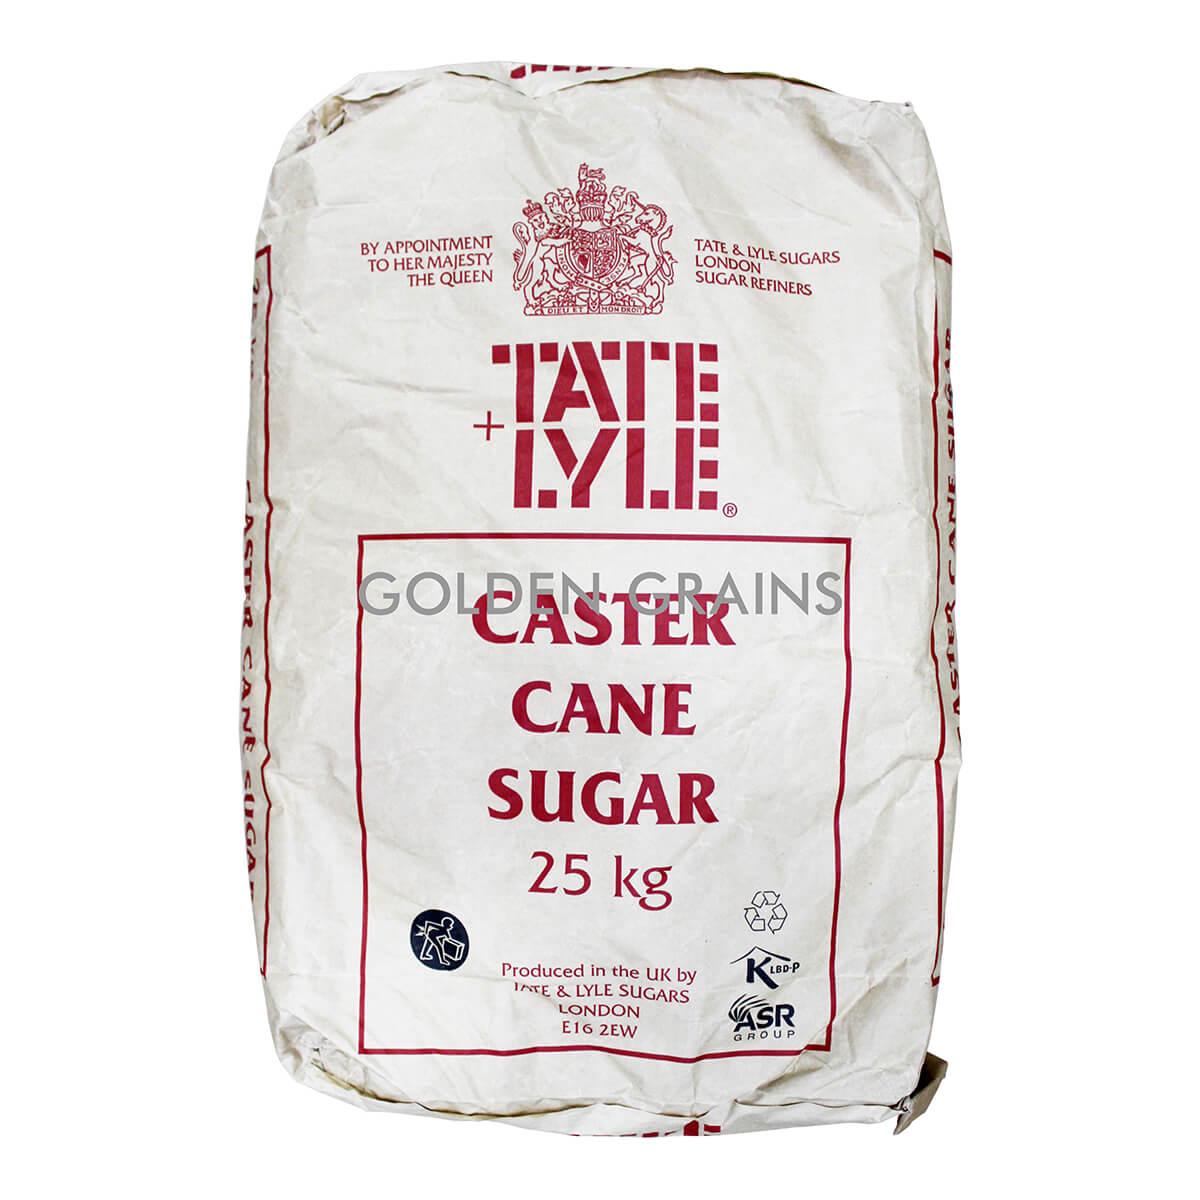 Golden Grains Tate & Lyle - Caster Sugar 25KG - Front.jpg